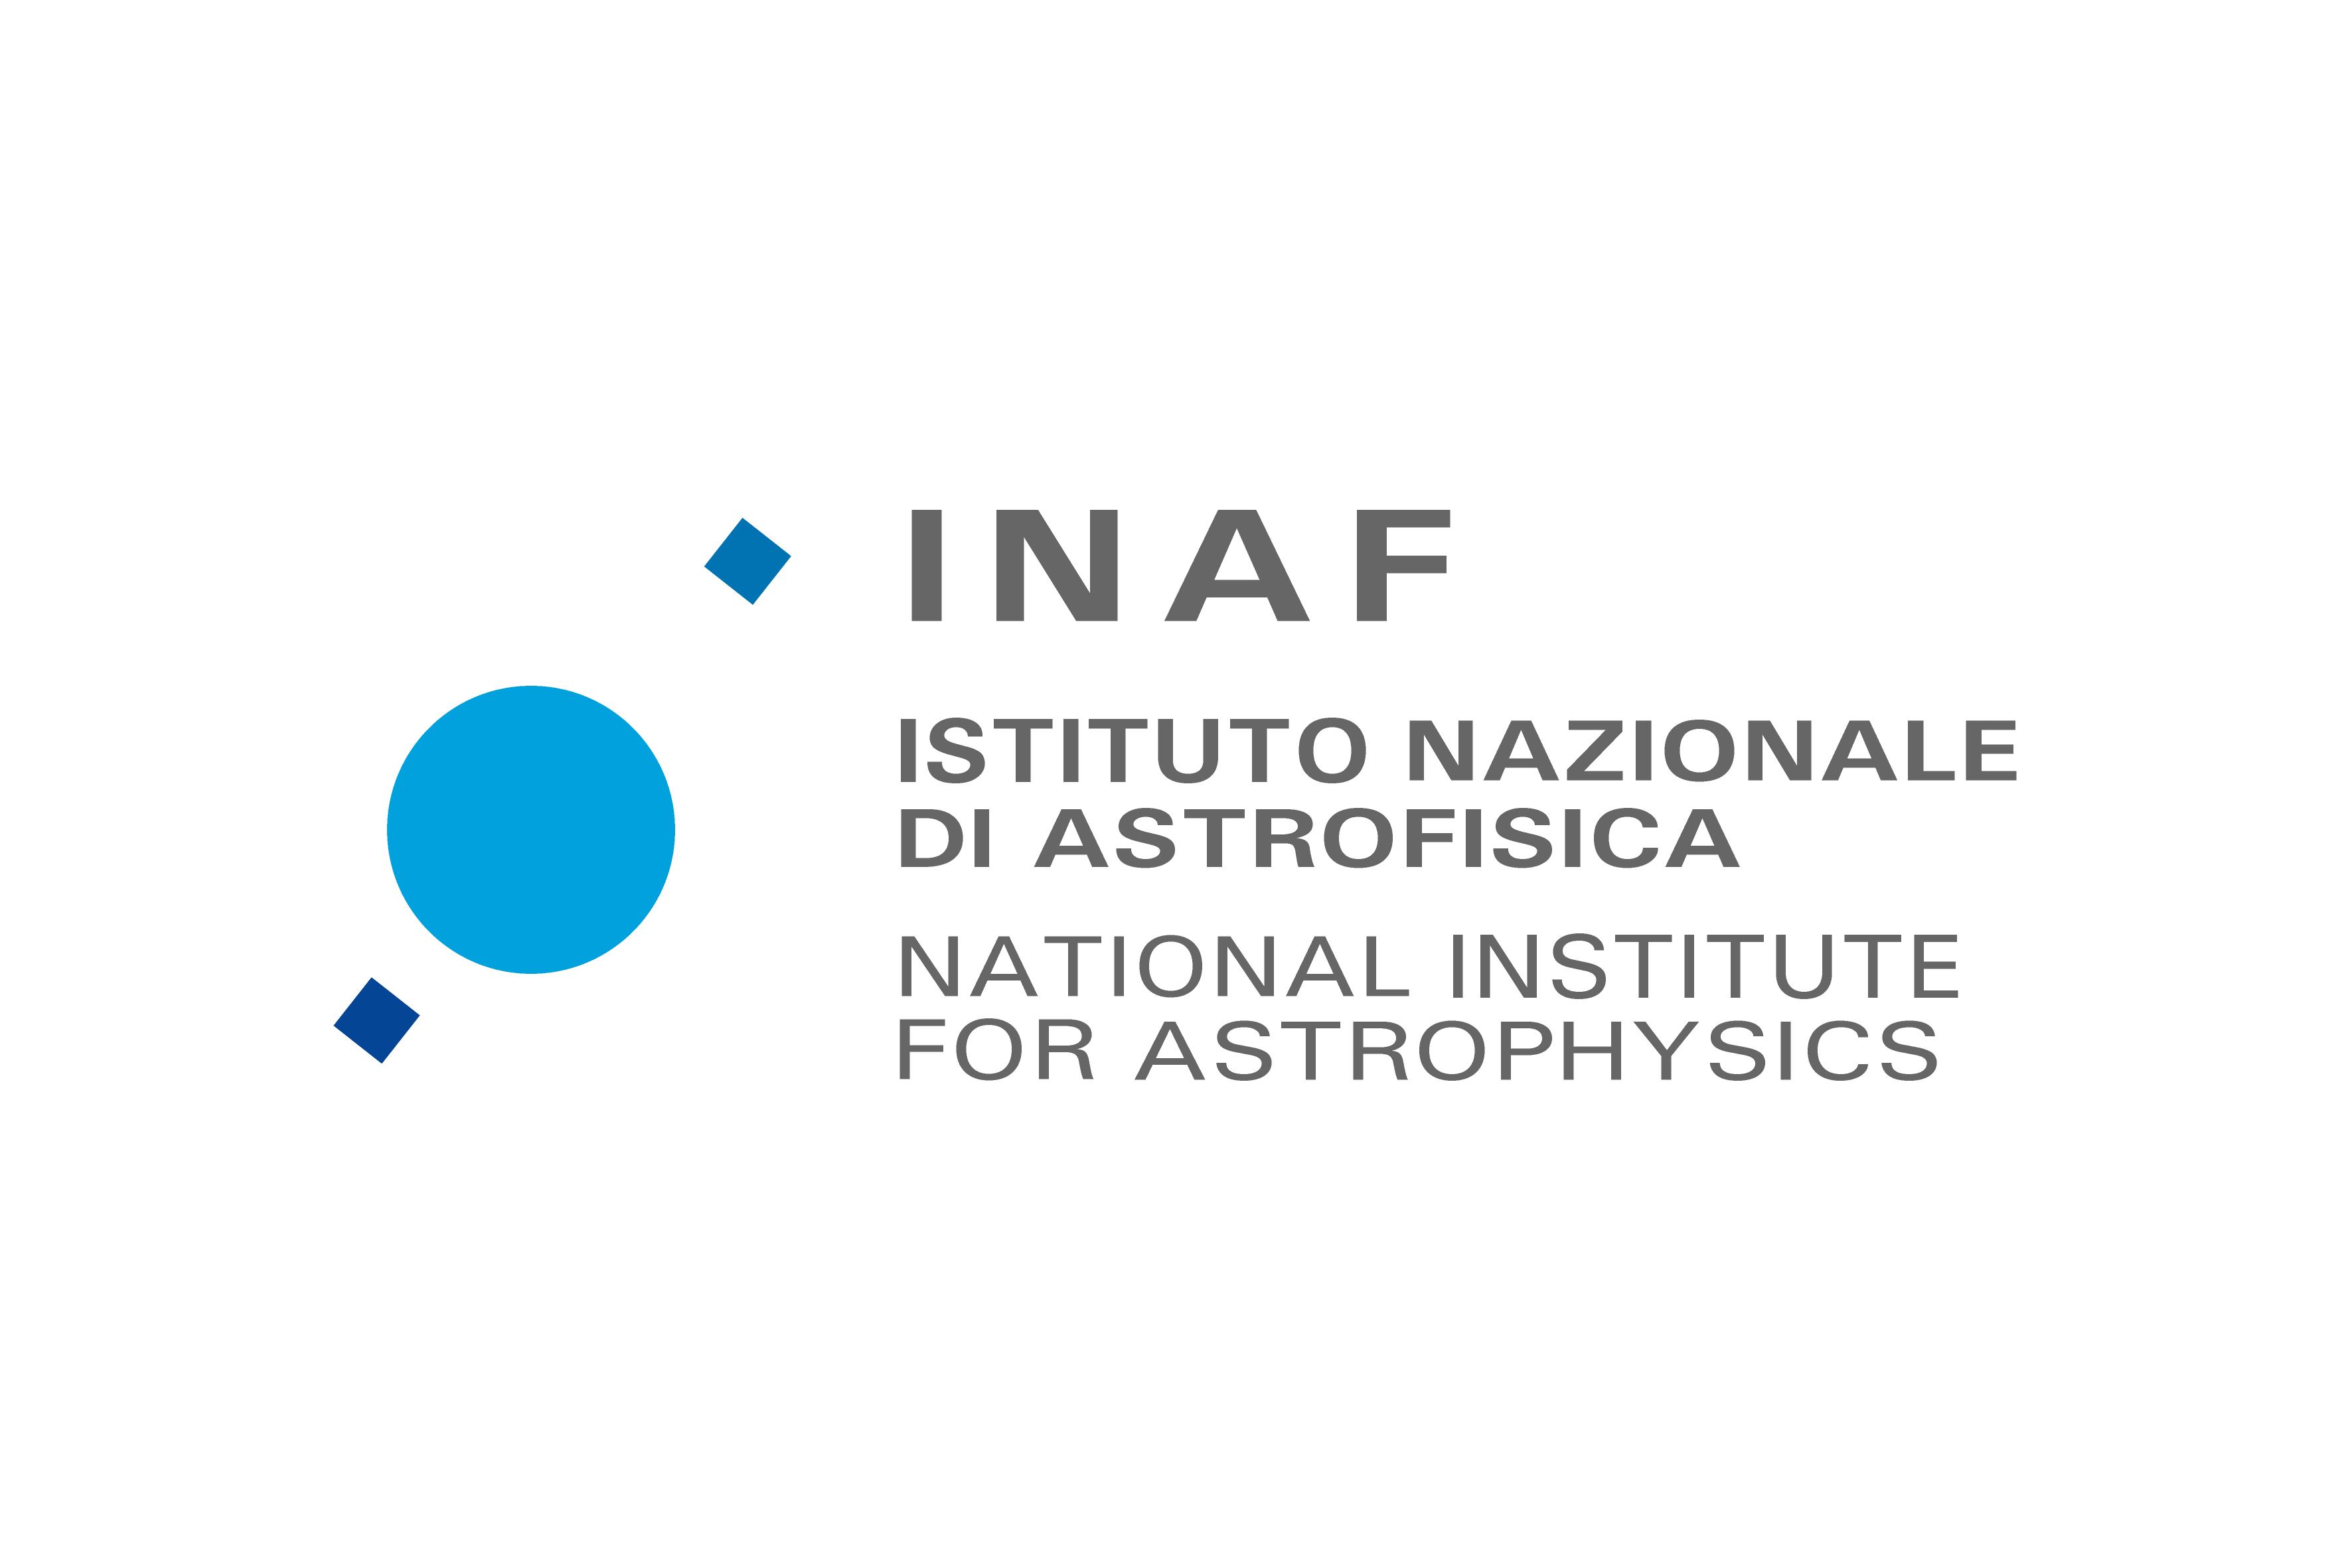 Commissione di selezione per la nomina dell'OIV INAF